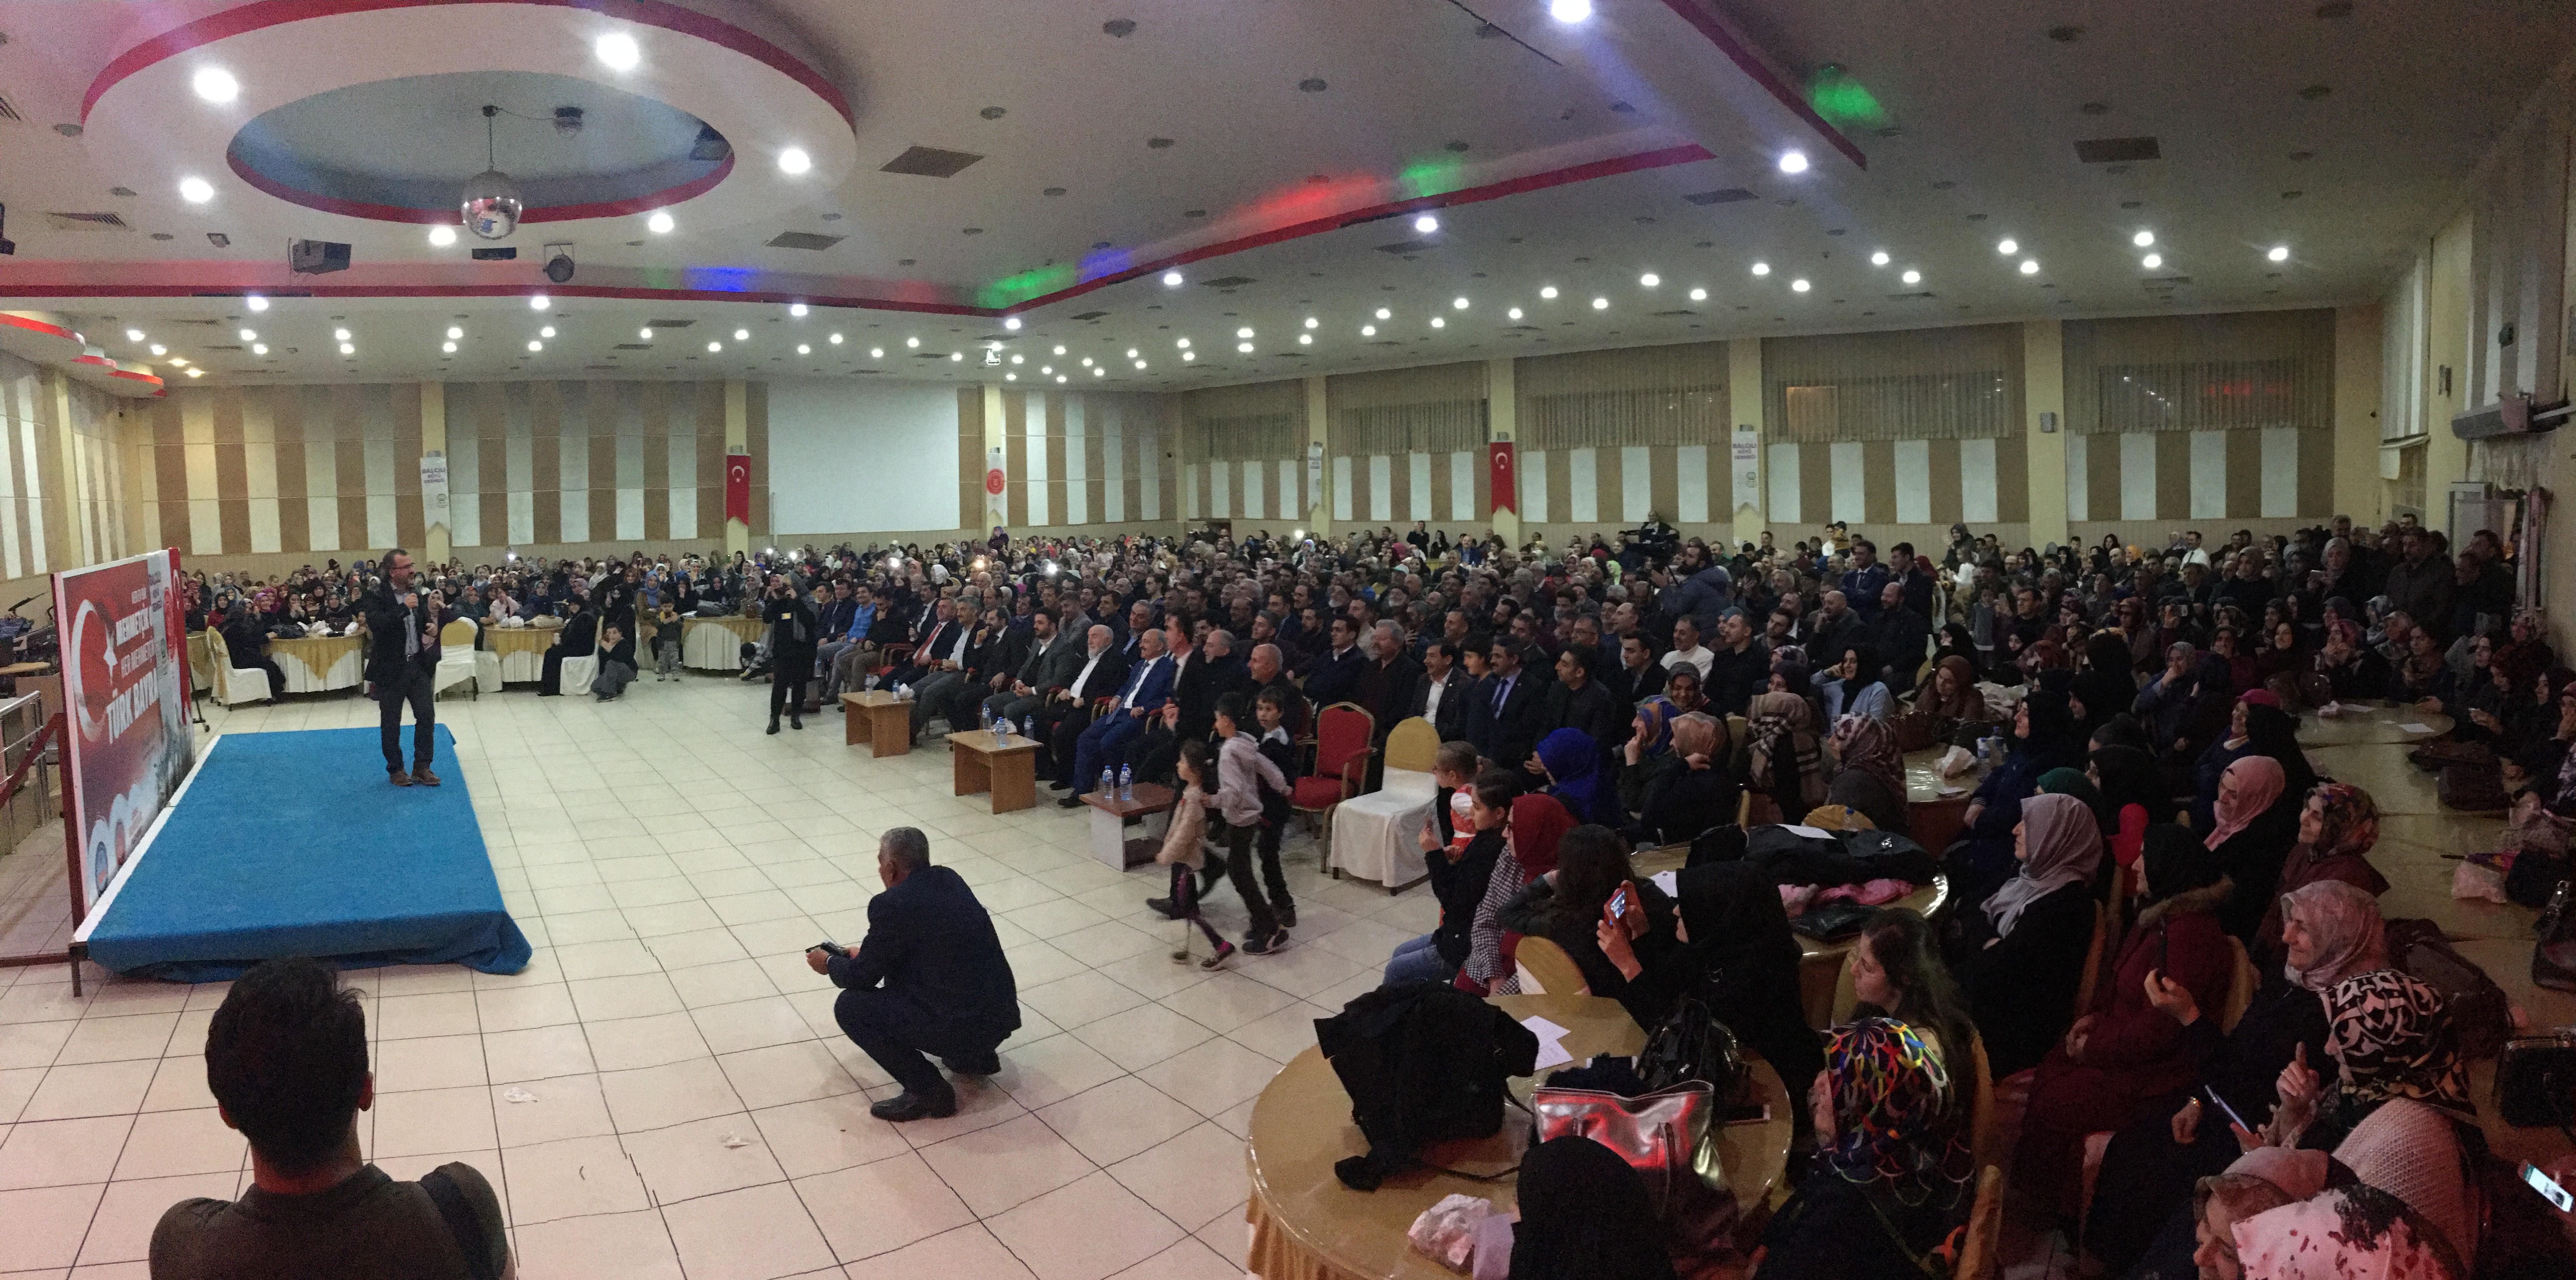 Bursa'nın Gürsu ilçesinde öğrenciler ve ailelere konferans verildi Gürsu Kaymakamlığı, Belediye Başkanlığı ve Balcılı Köyü Derneği iş birliğiyle Belediye Düğün Salonu'nda, öğrenciler için düzenlenen konferans ilgi gördü. Kişisel gelişim uzmanı […]